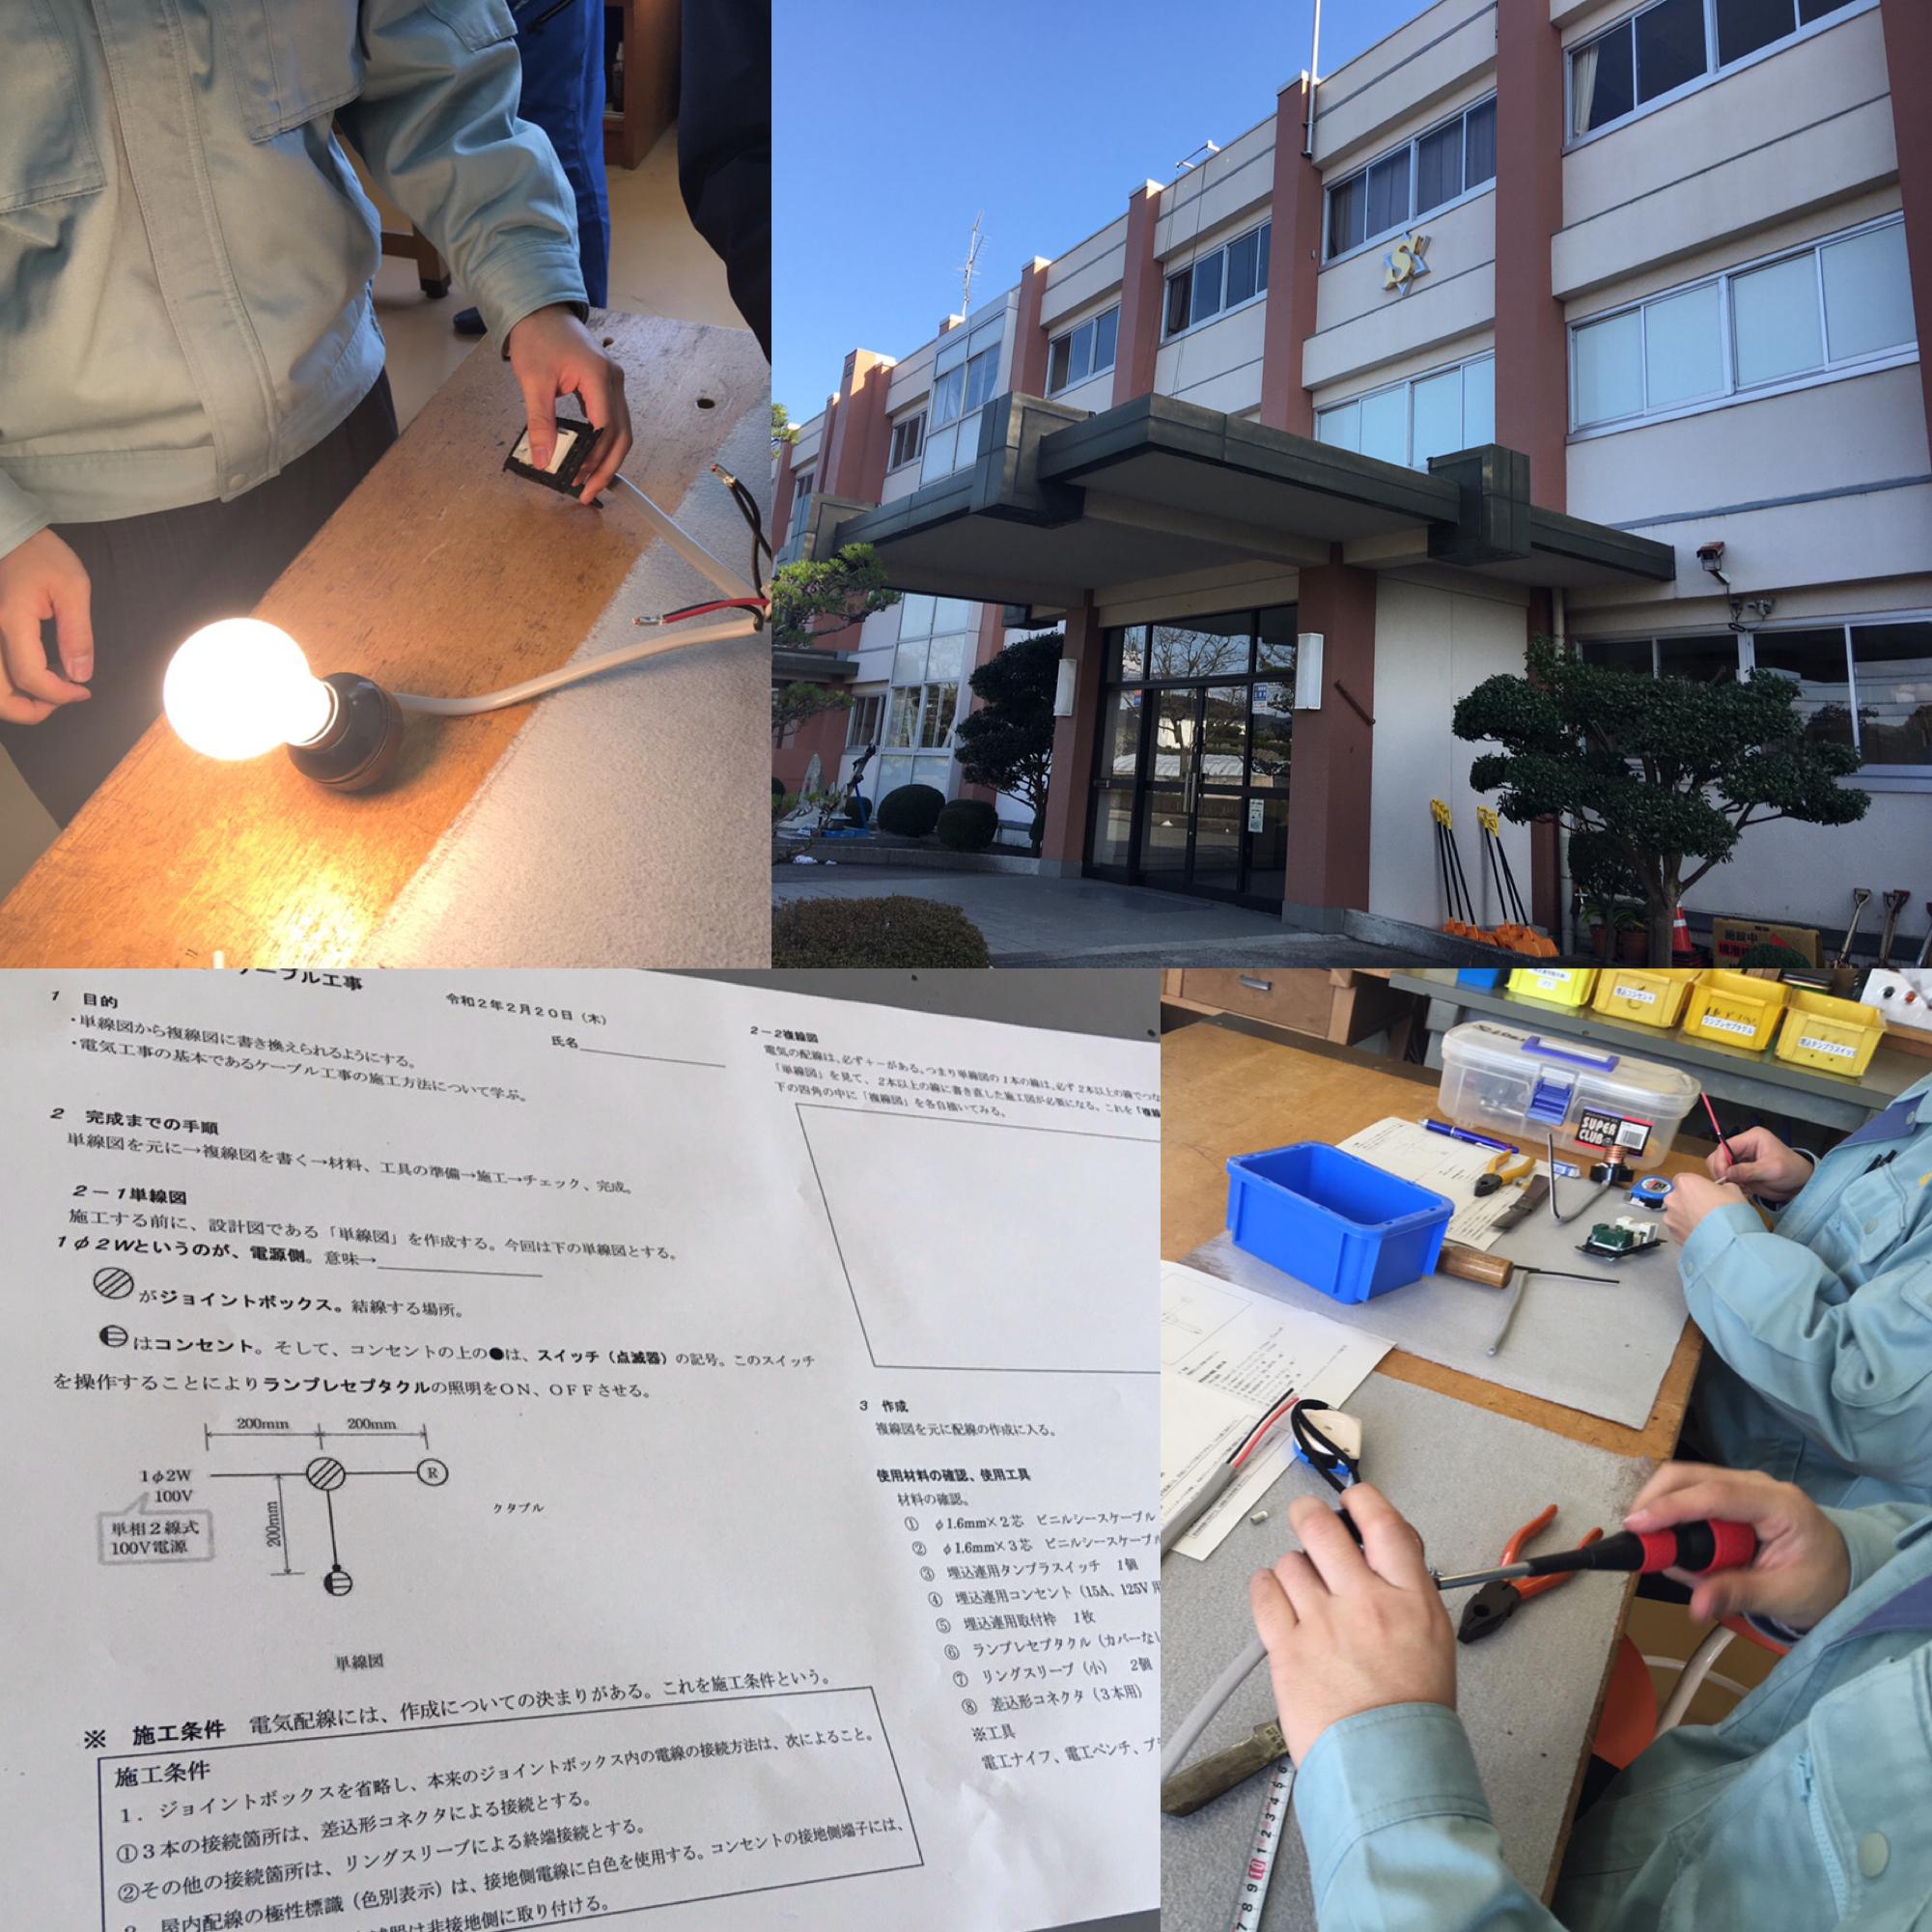 鳥取県電業協会西部支部 令和元年度社会人講師導入事業 鳥取県立境港総合技術高等学校